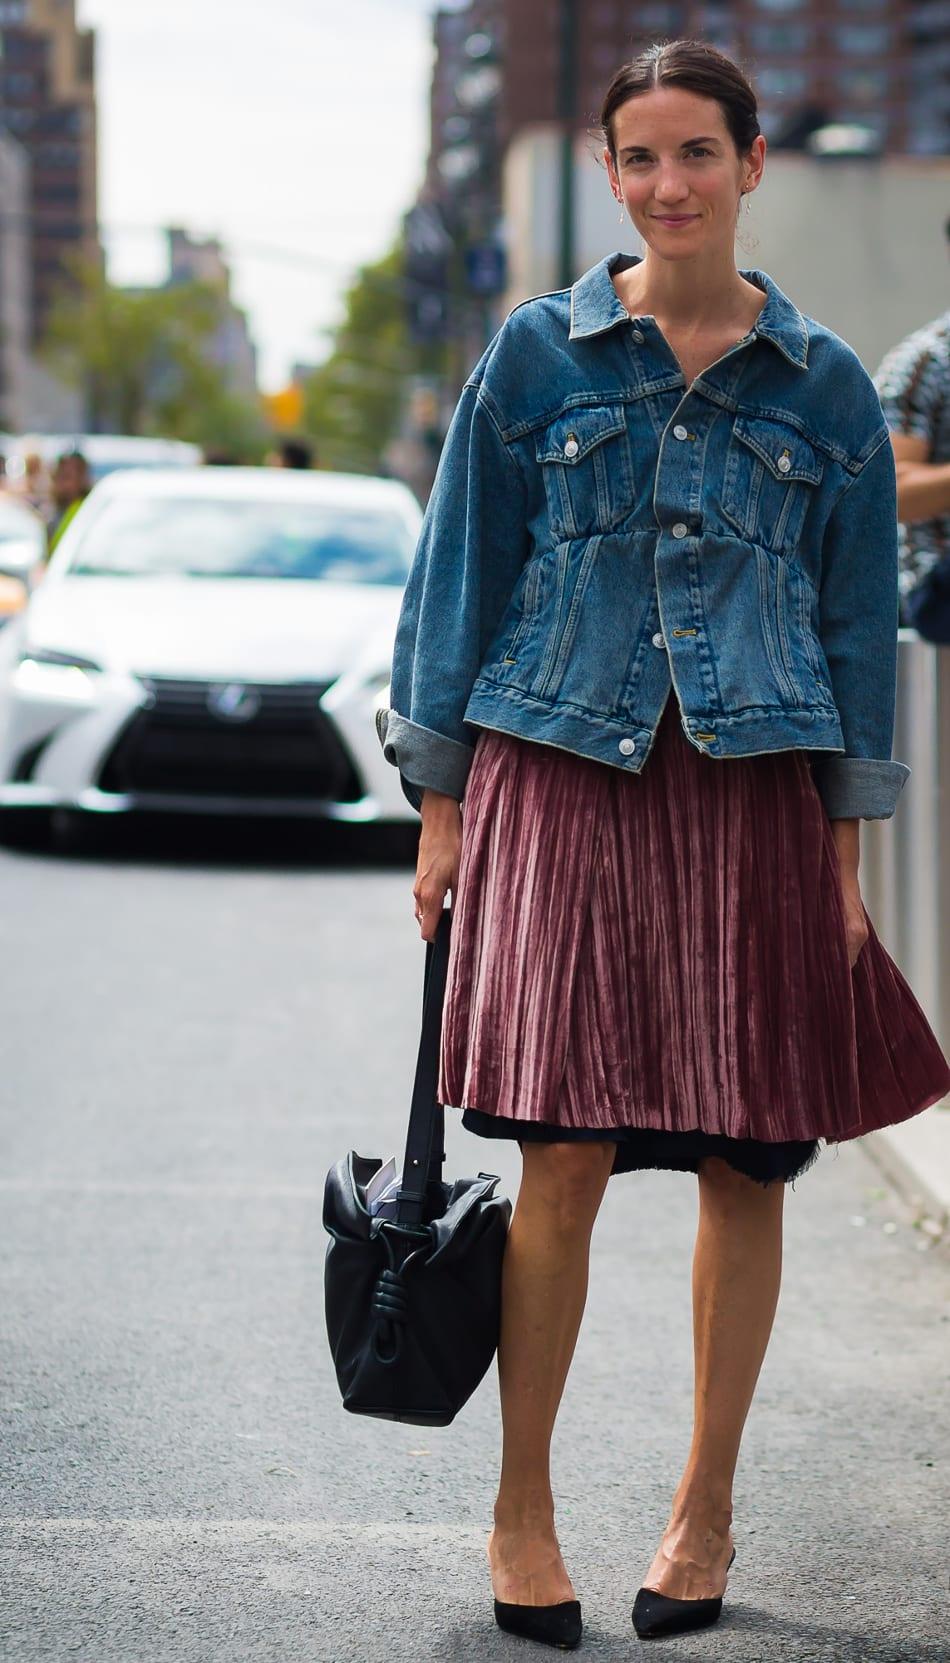 Foto de street style mostrando como usar a saia de gala no dia a dia com jaqueta jeans.